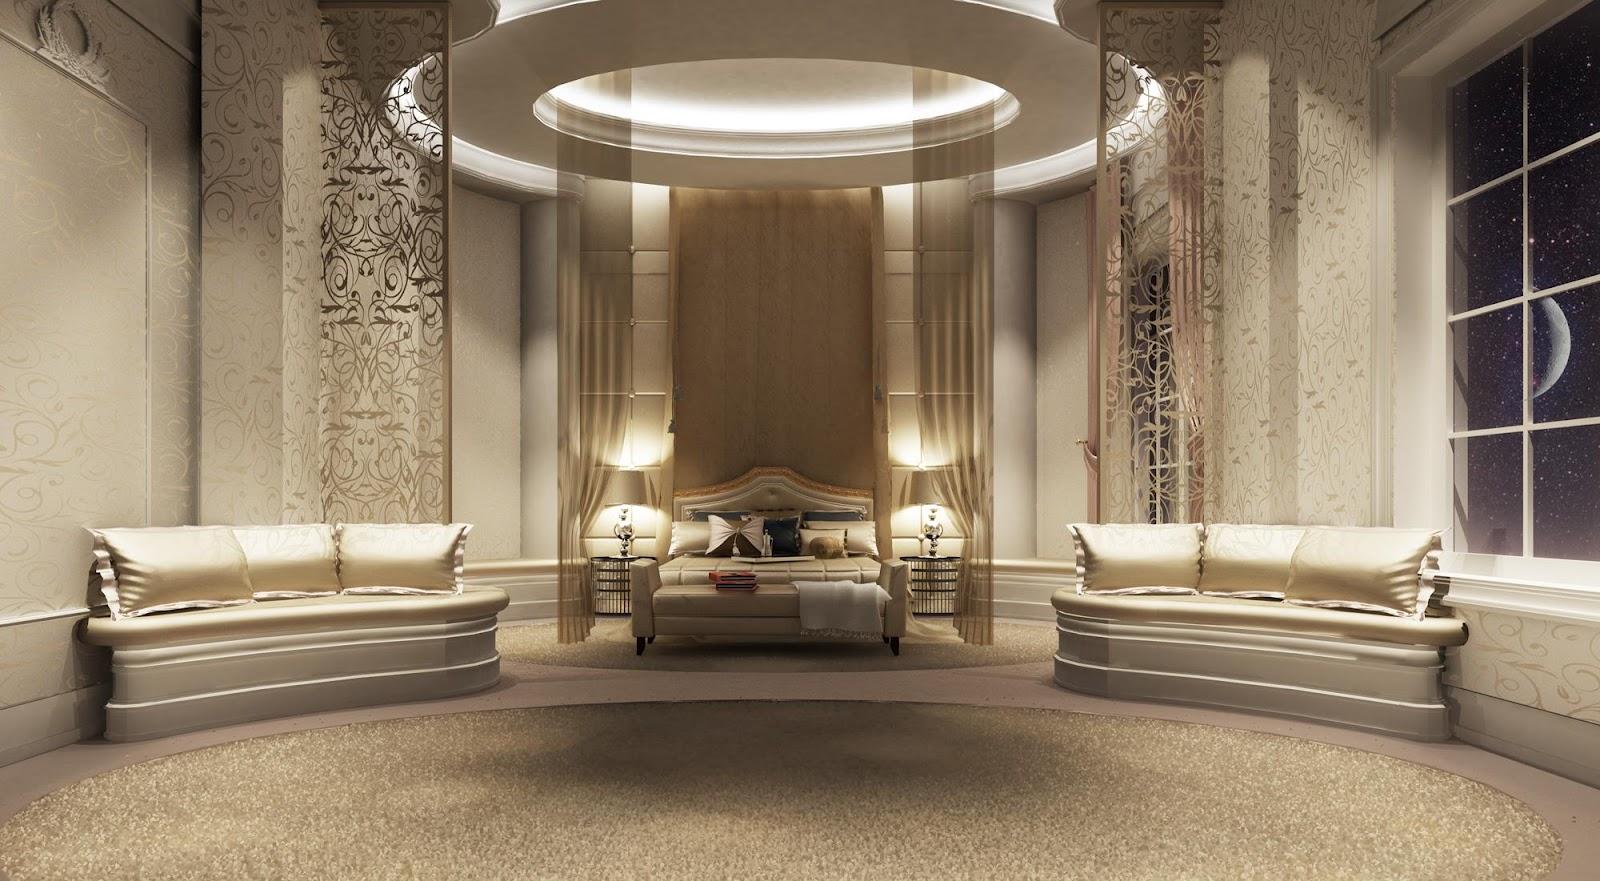 casatreschic interior: Marriage Banquet Hall Hotel Front ...